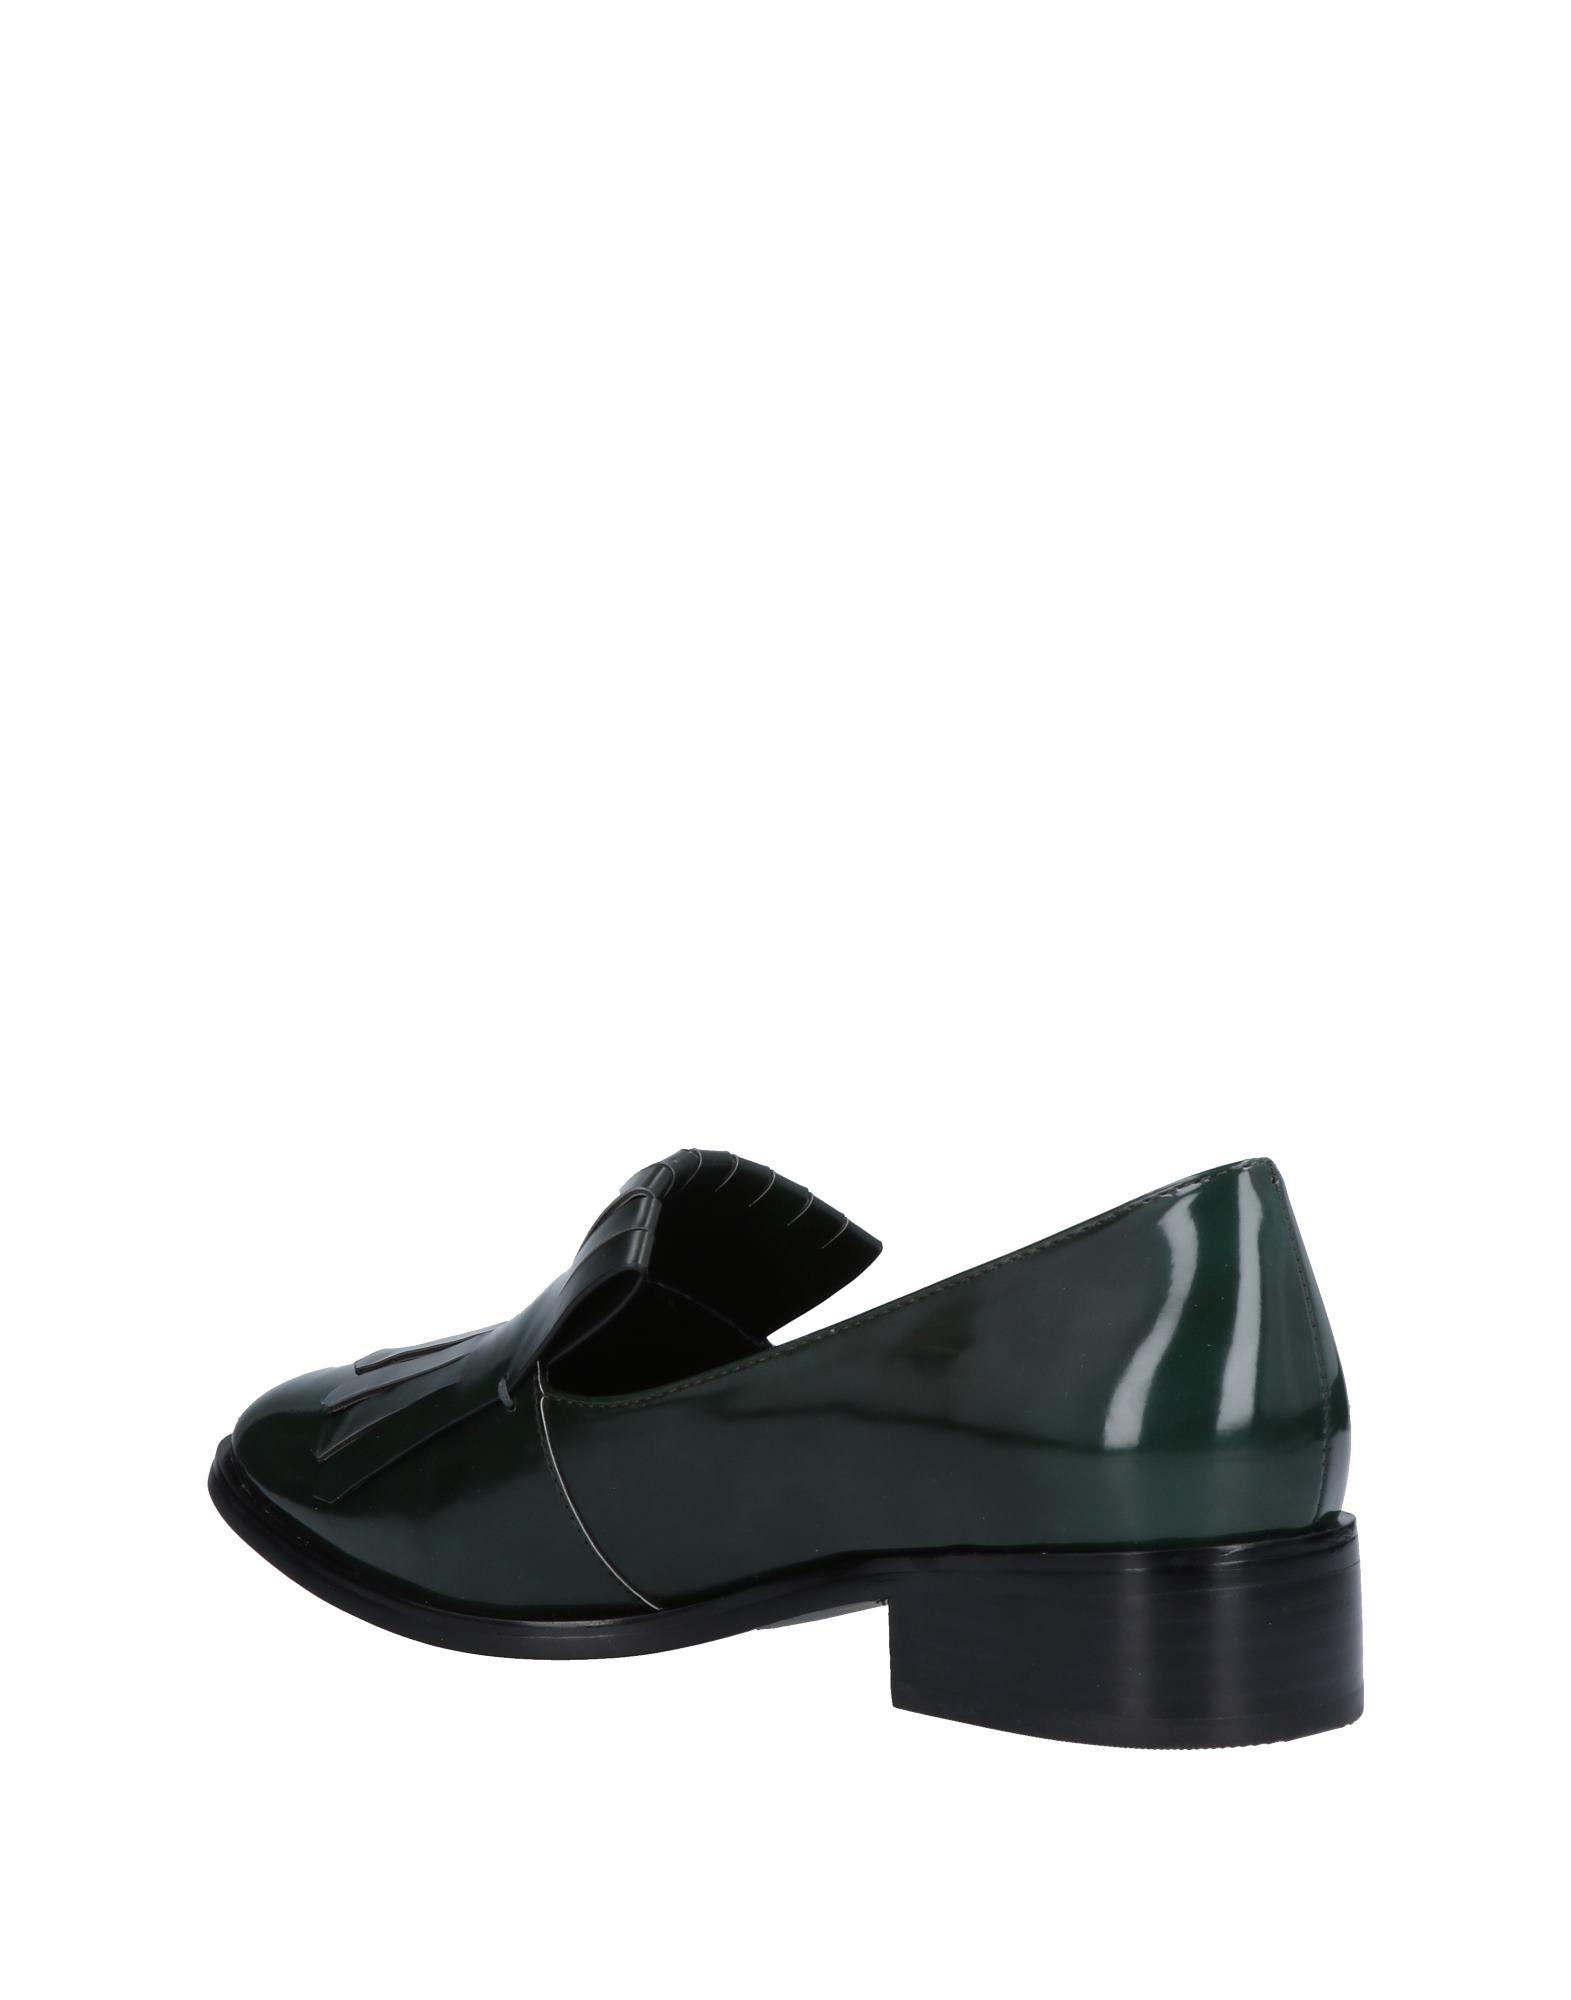 Bibi Lou Mokassins Damen Damen Mokassins  11471069HK Neue Schuhe 20d9f9